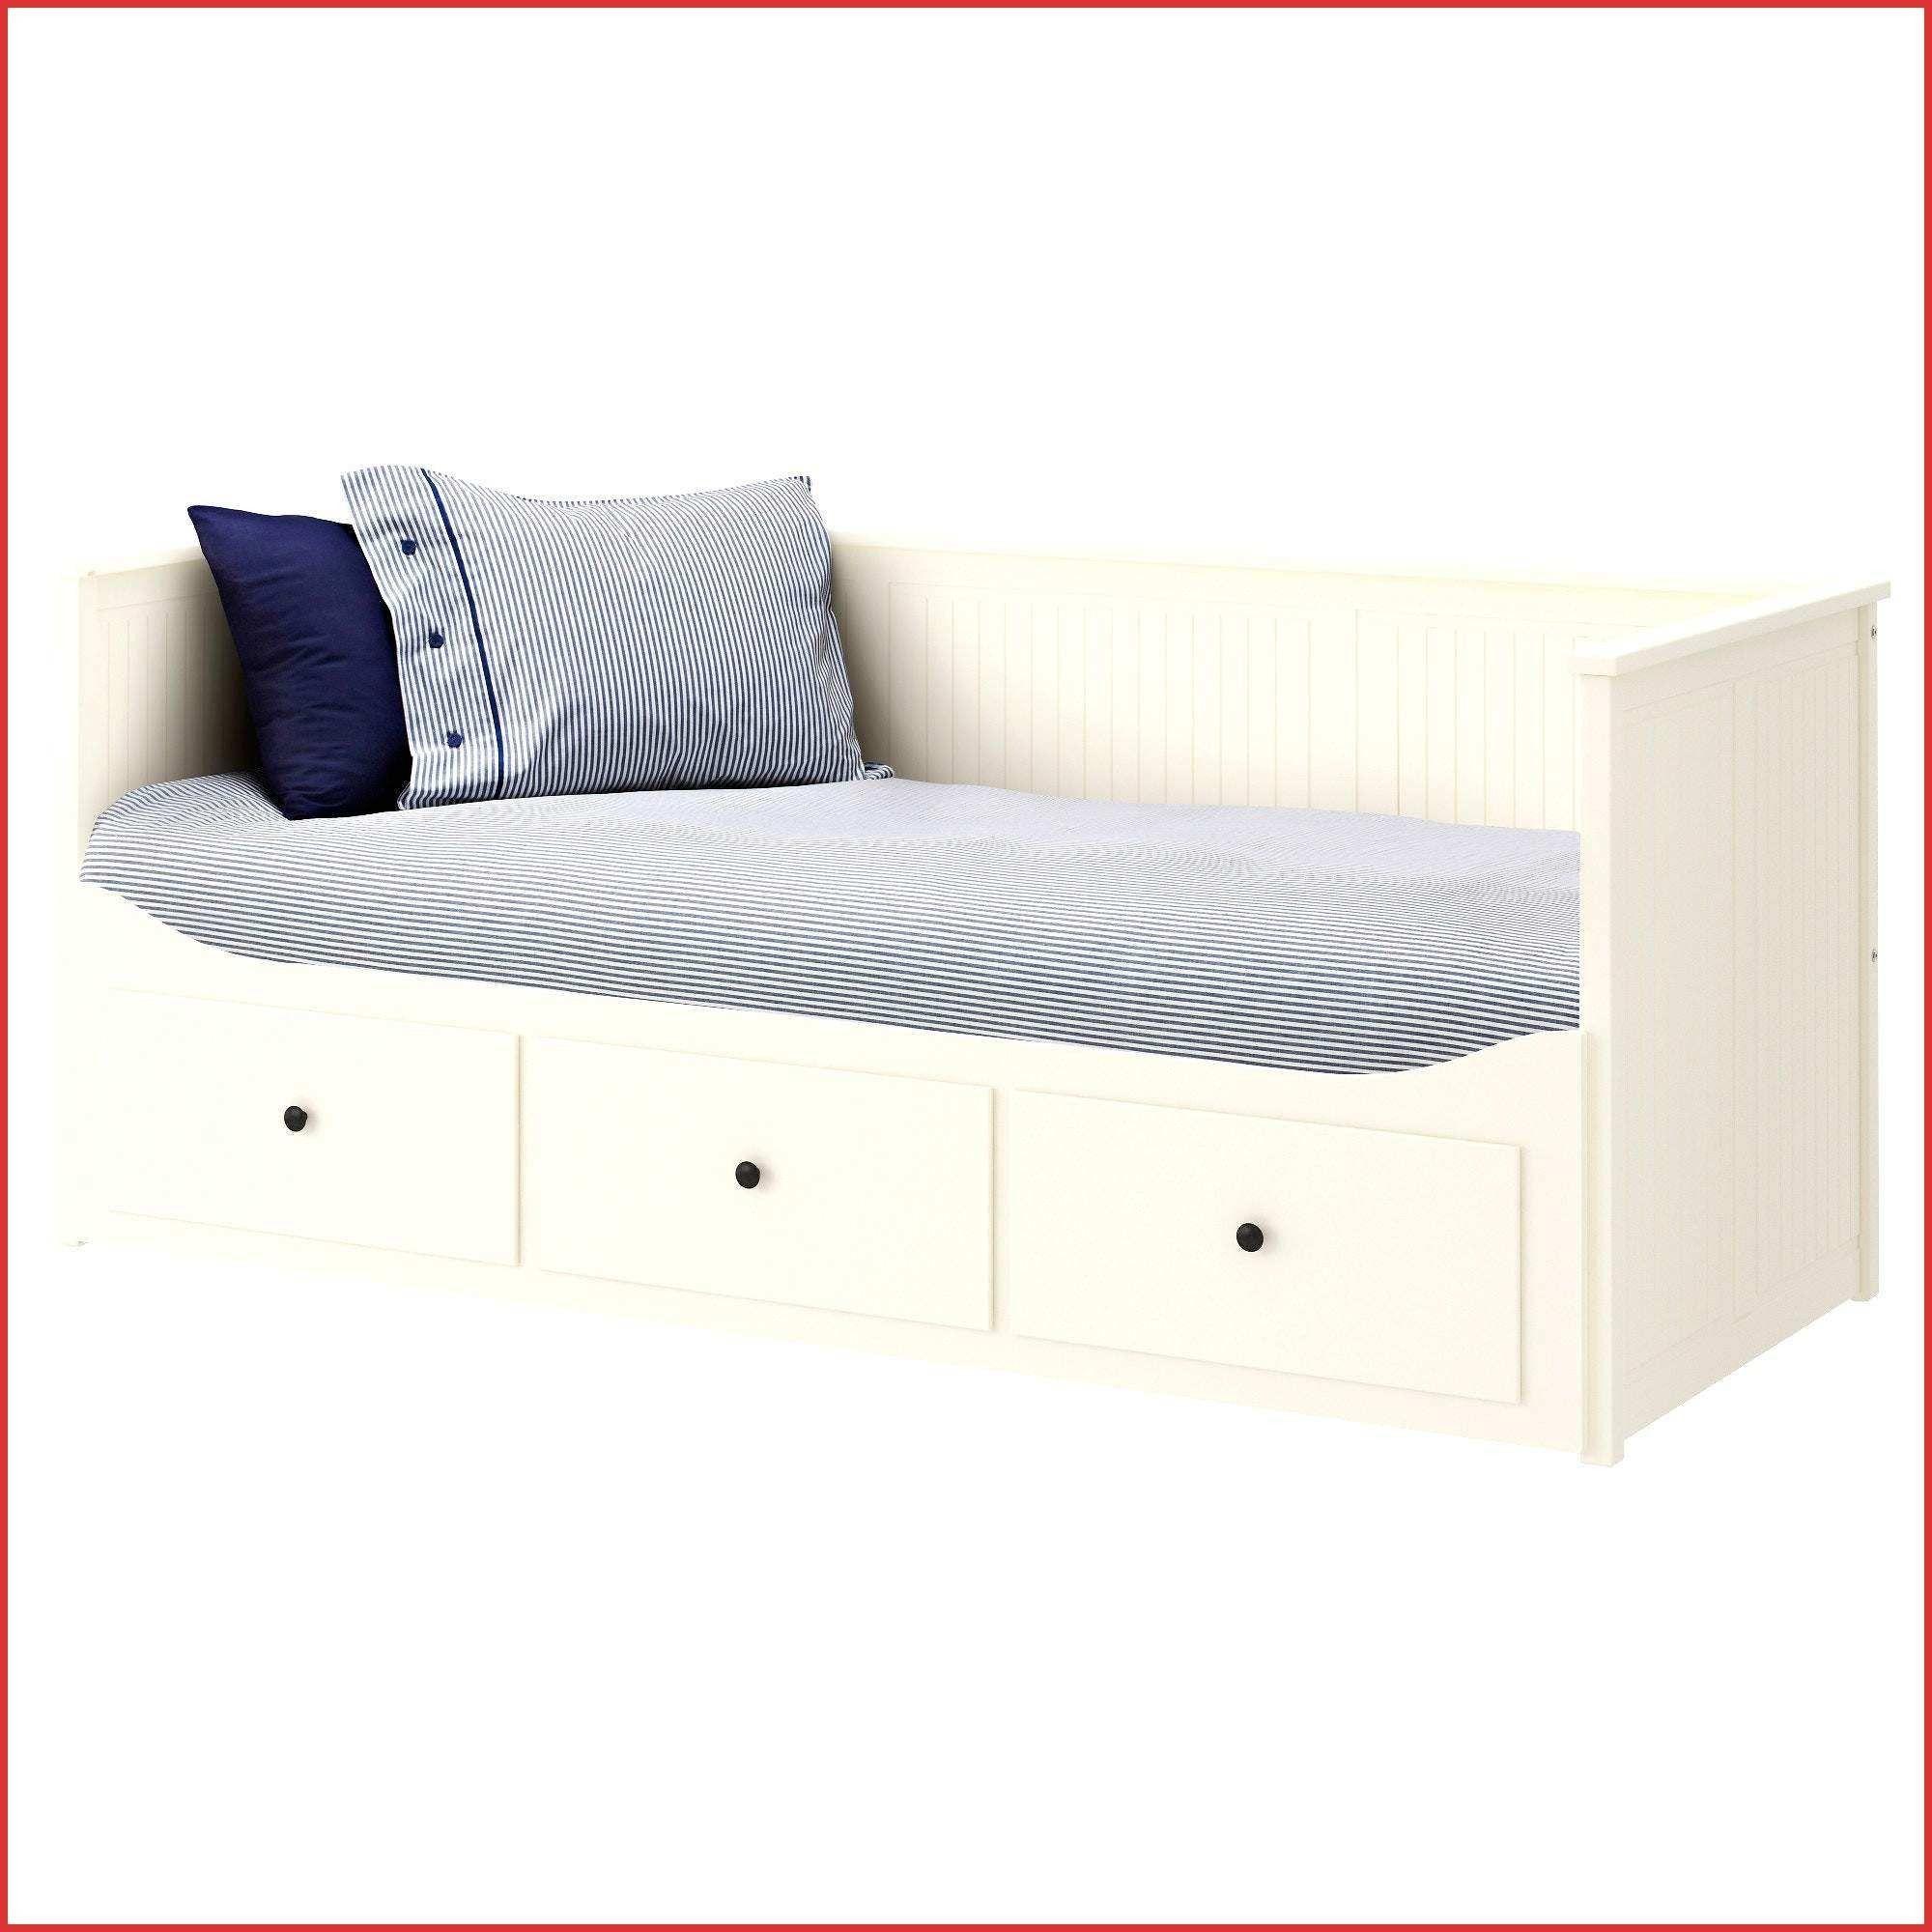 Weisses Bett 120 200 Unique Weisses Bett 120 200 Doppelbett Weiss Landhaus In 2020 Big Sofa Mit Schlaffunktion Weisses Bett Bilder Ikea